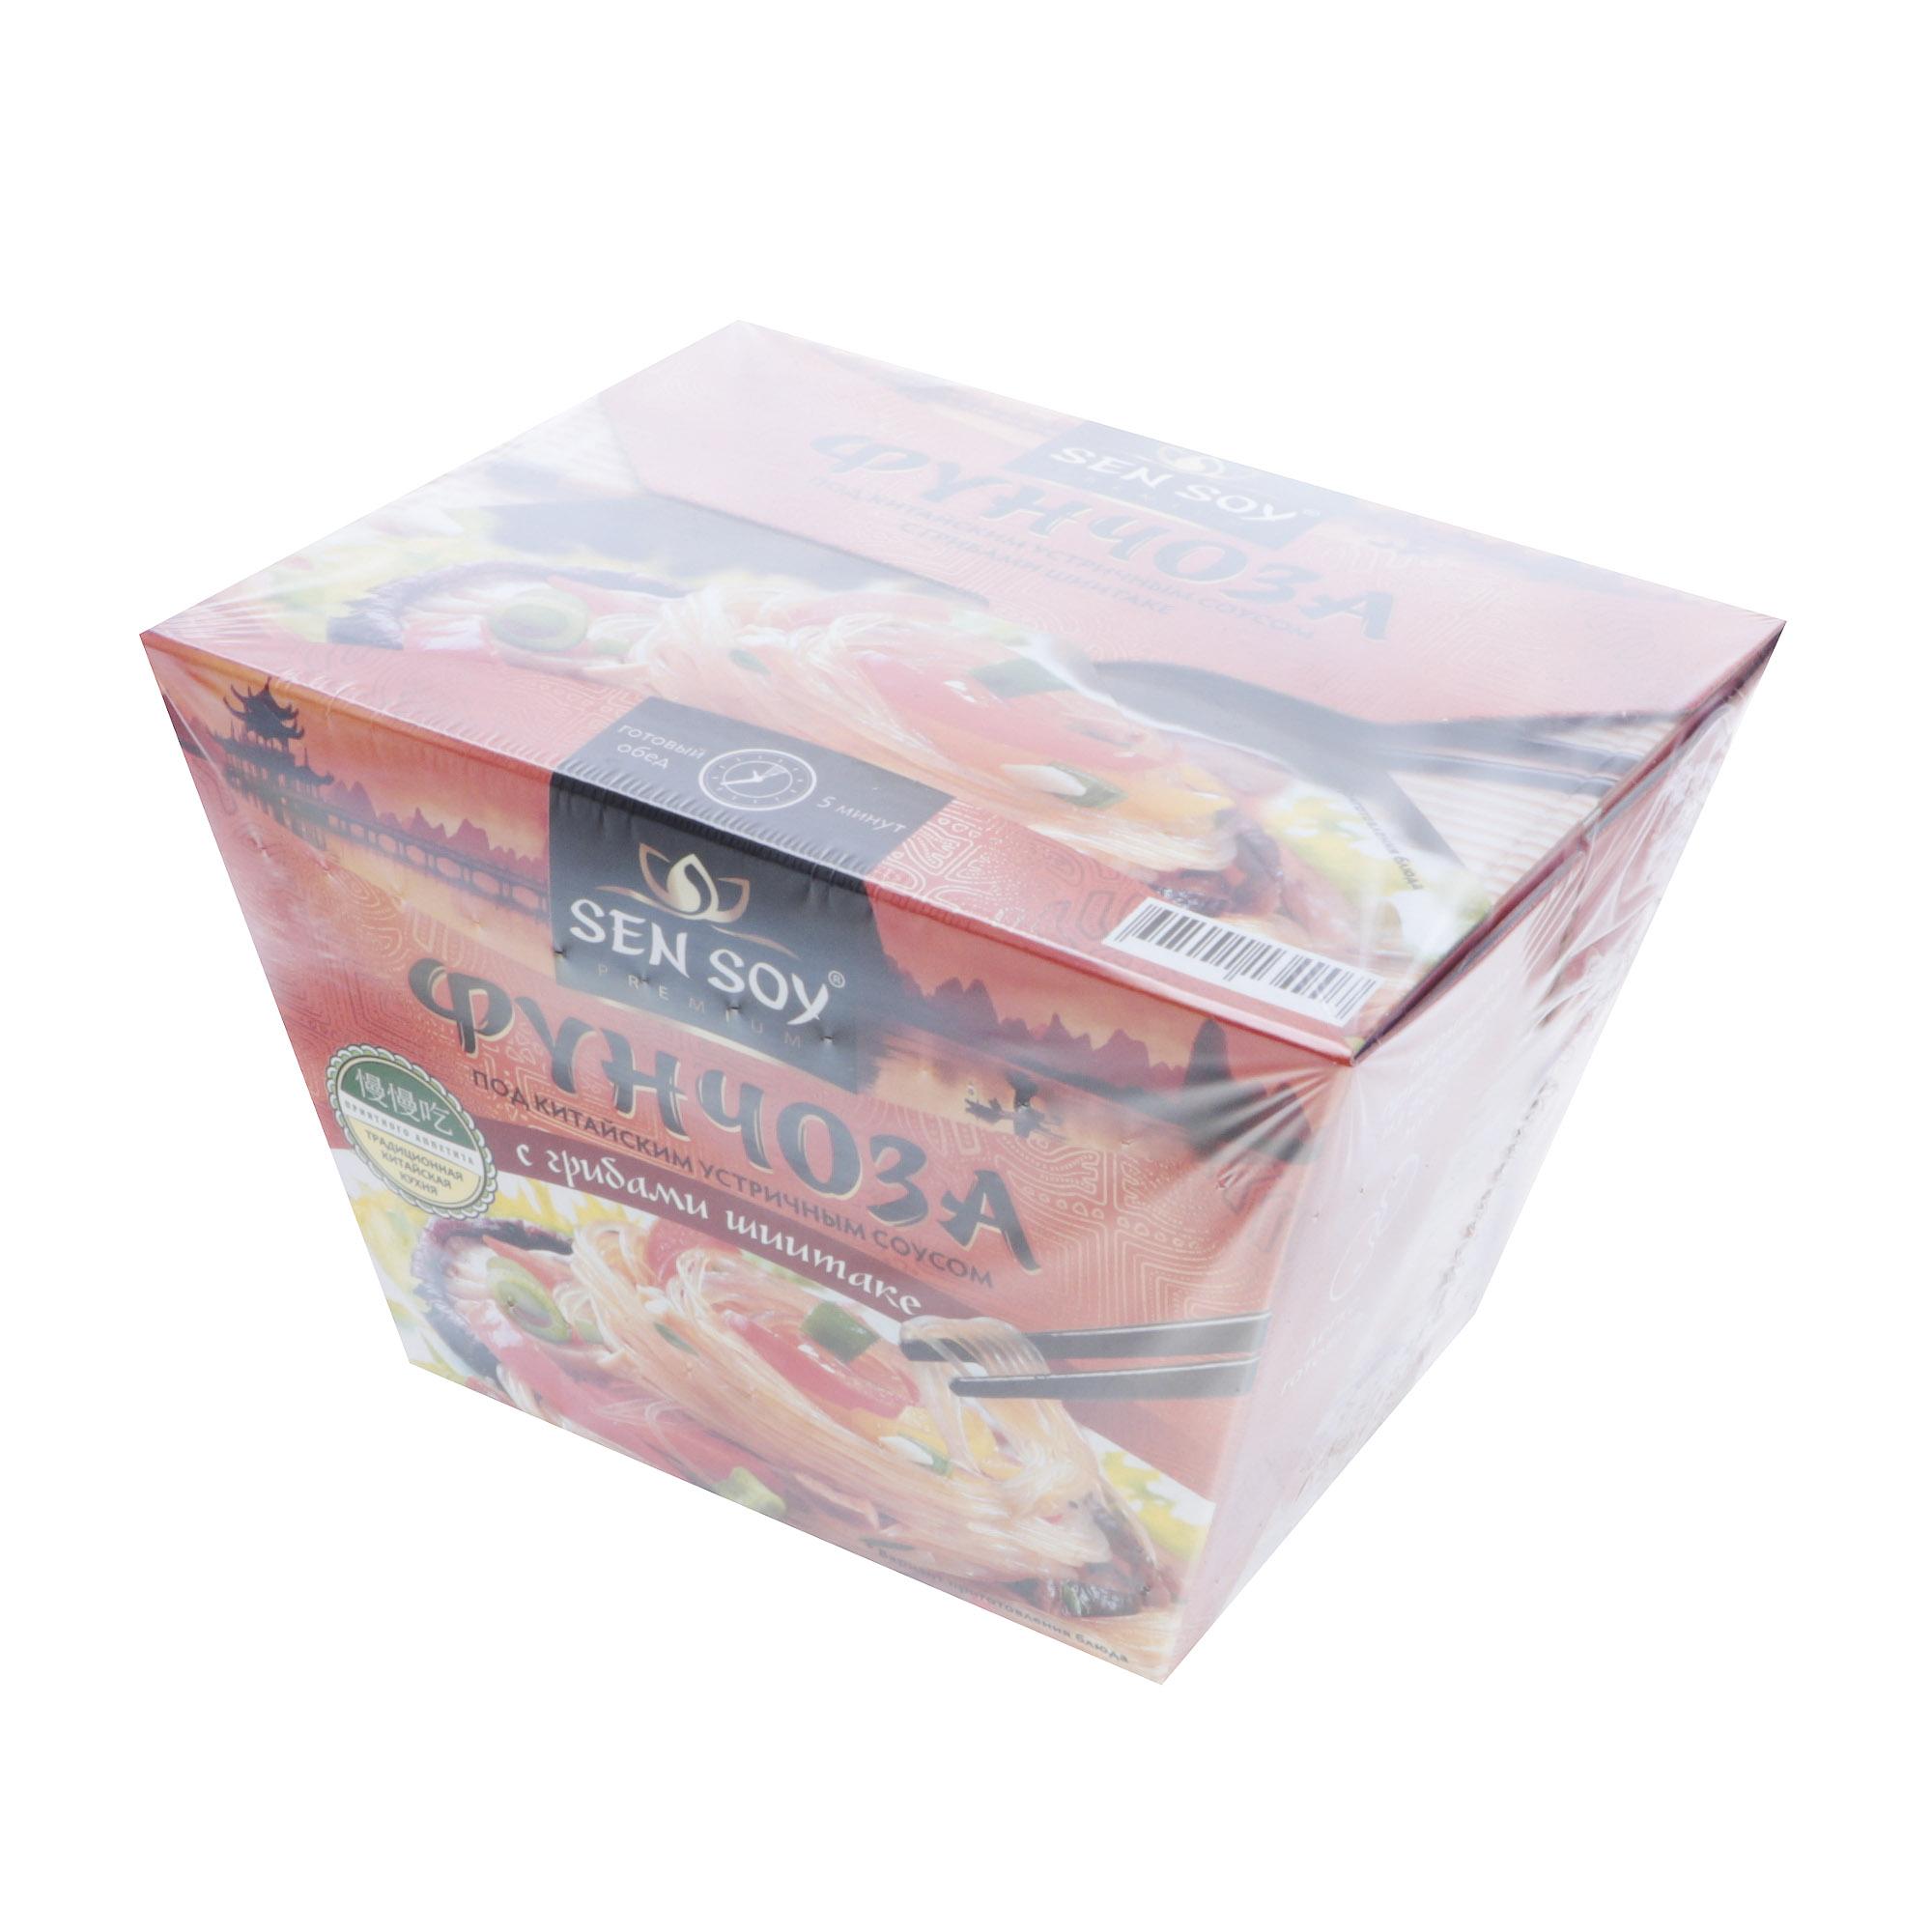 Фото - Вермишель Sen Soy фунчоза под китайским устричным соусом 125 г рис для суши sen soy 250 г